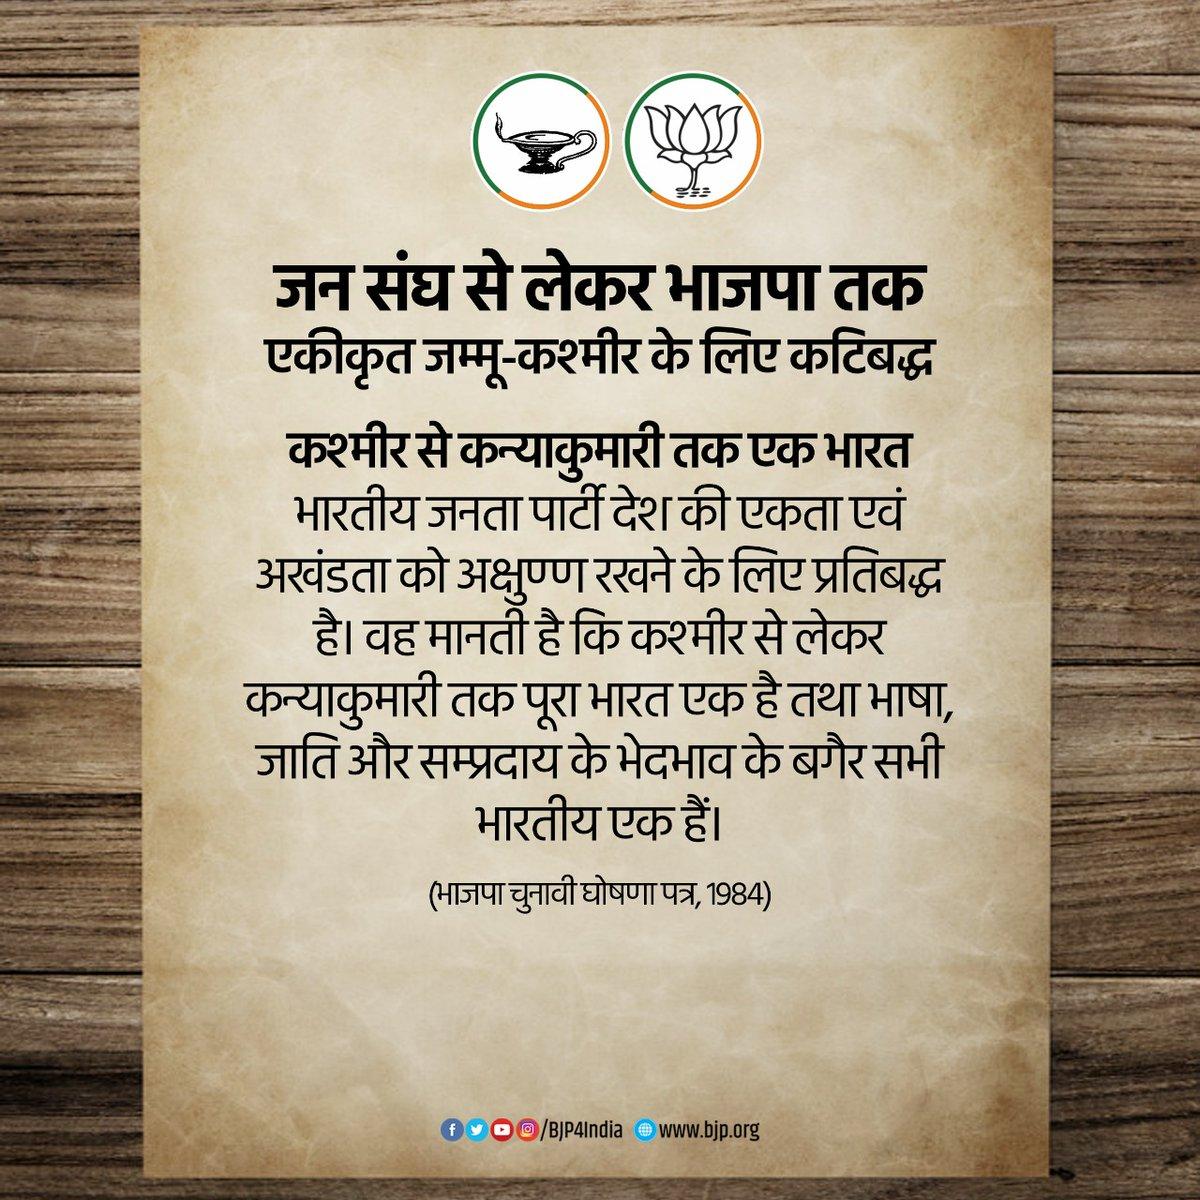 भारतीय जनता पार्टी देश की एकता एवं अखंडता को अक्षुण्ण रखने के लिए प्रतिबद्ध है। वह मानती है कि कश्मीर से लेकर कन्याकुमारी तक पूरा भारत एक है तथा भाषा, जाति और सम्प्रदाय के भेदभाव के बगैर सभी भारतीय एक हैं। - भाजपा चुनावी घोषणा पत्र, 1984 #OneYearOfNoArticle370